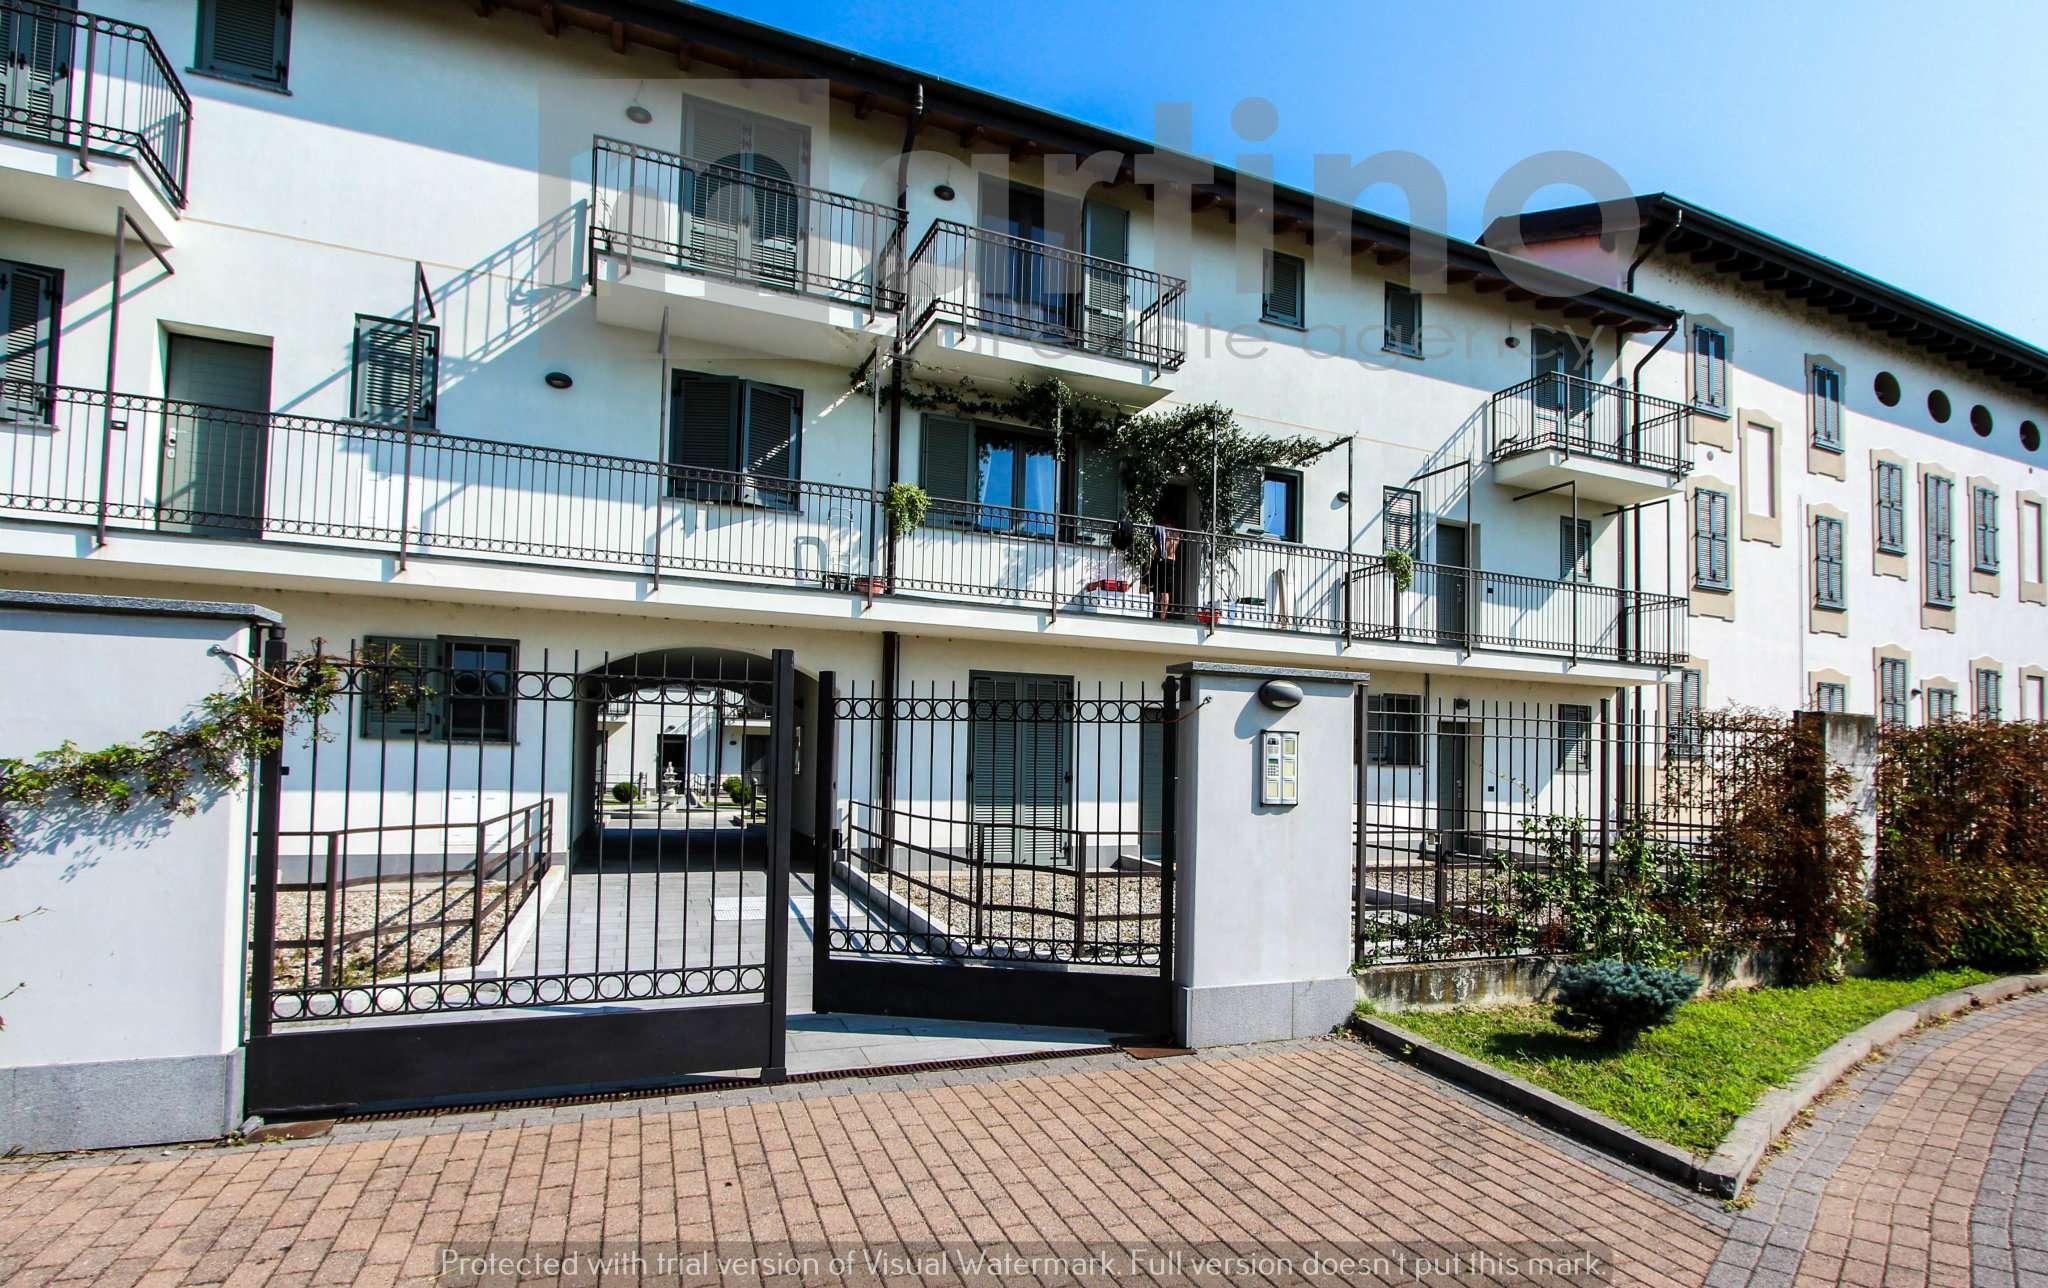 Appartamento in vendita a Bubbiano, 1 locali, prezzo € 72.500 | PortaleAgenzieImmobiliari.it